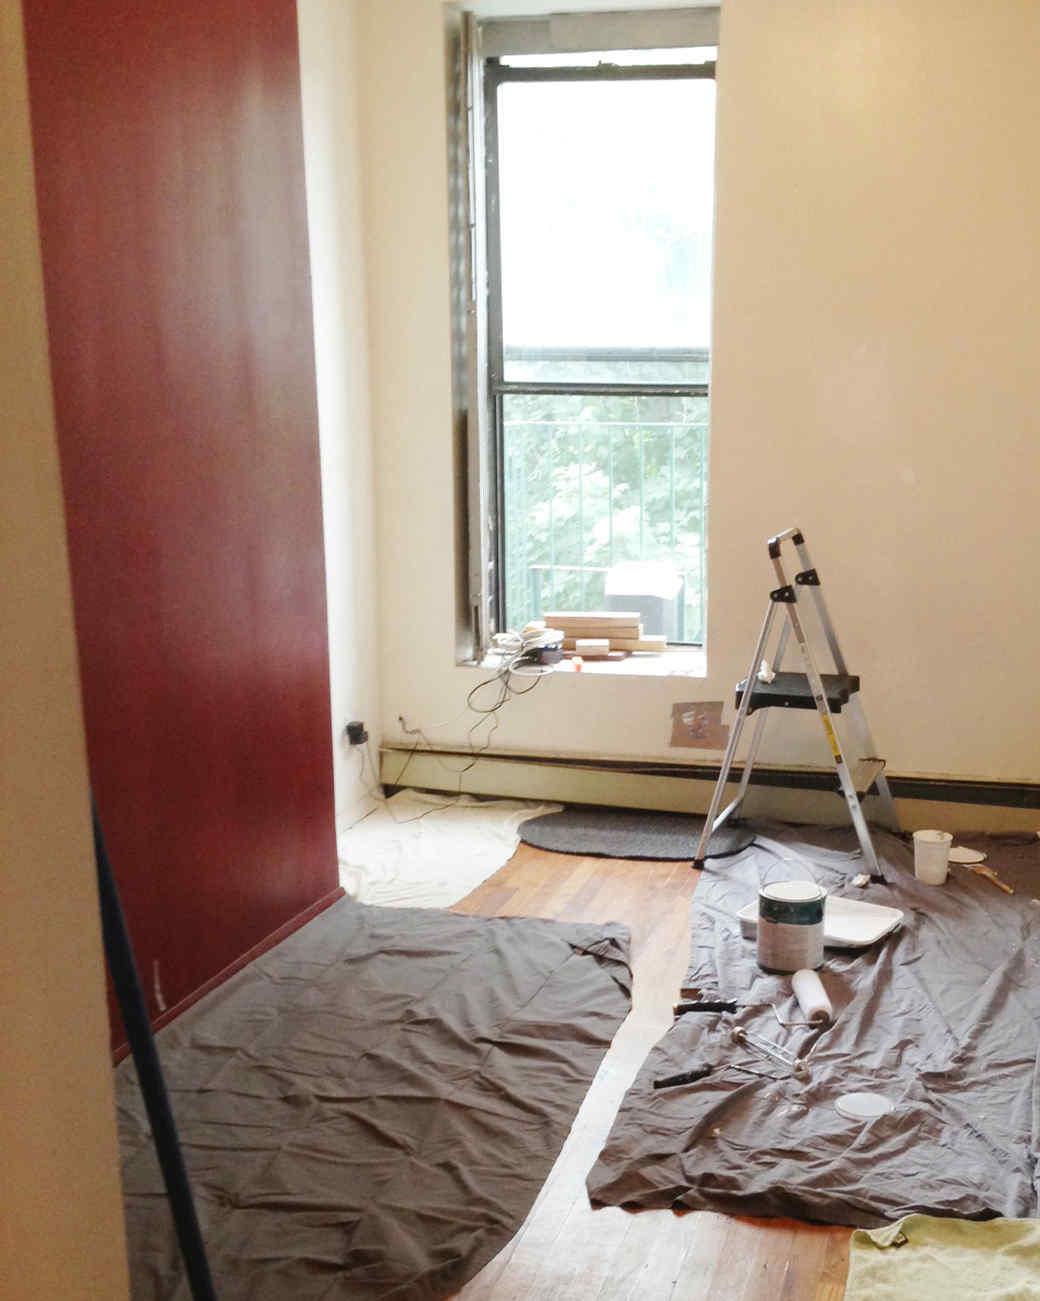 baby-room-before-4-0715.jpg